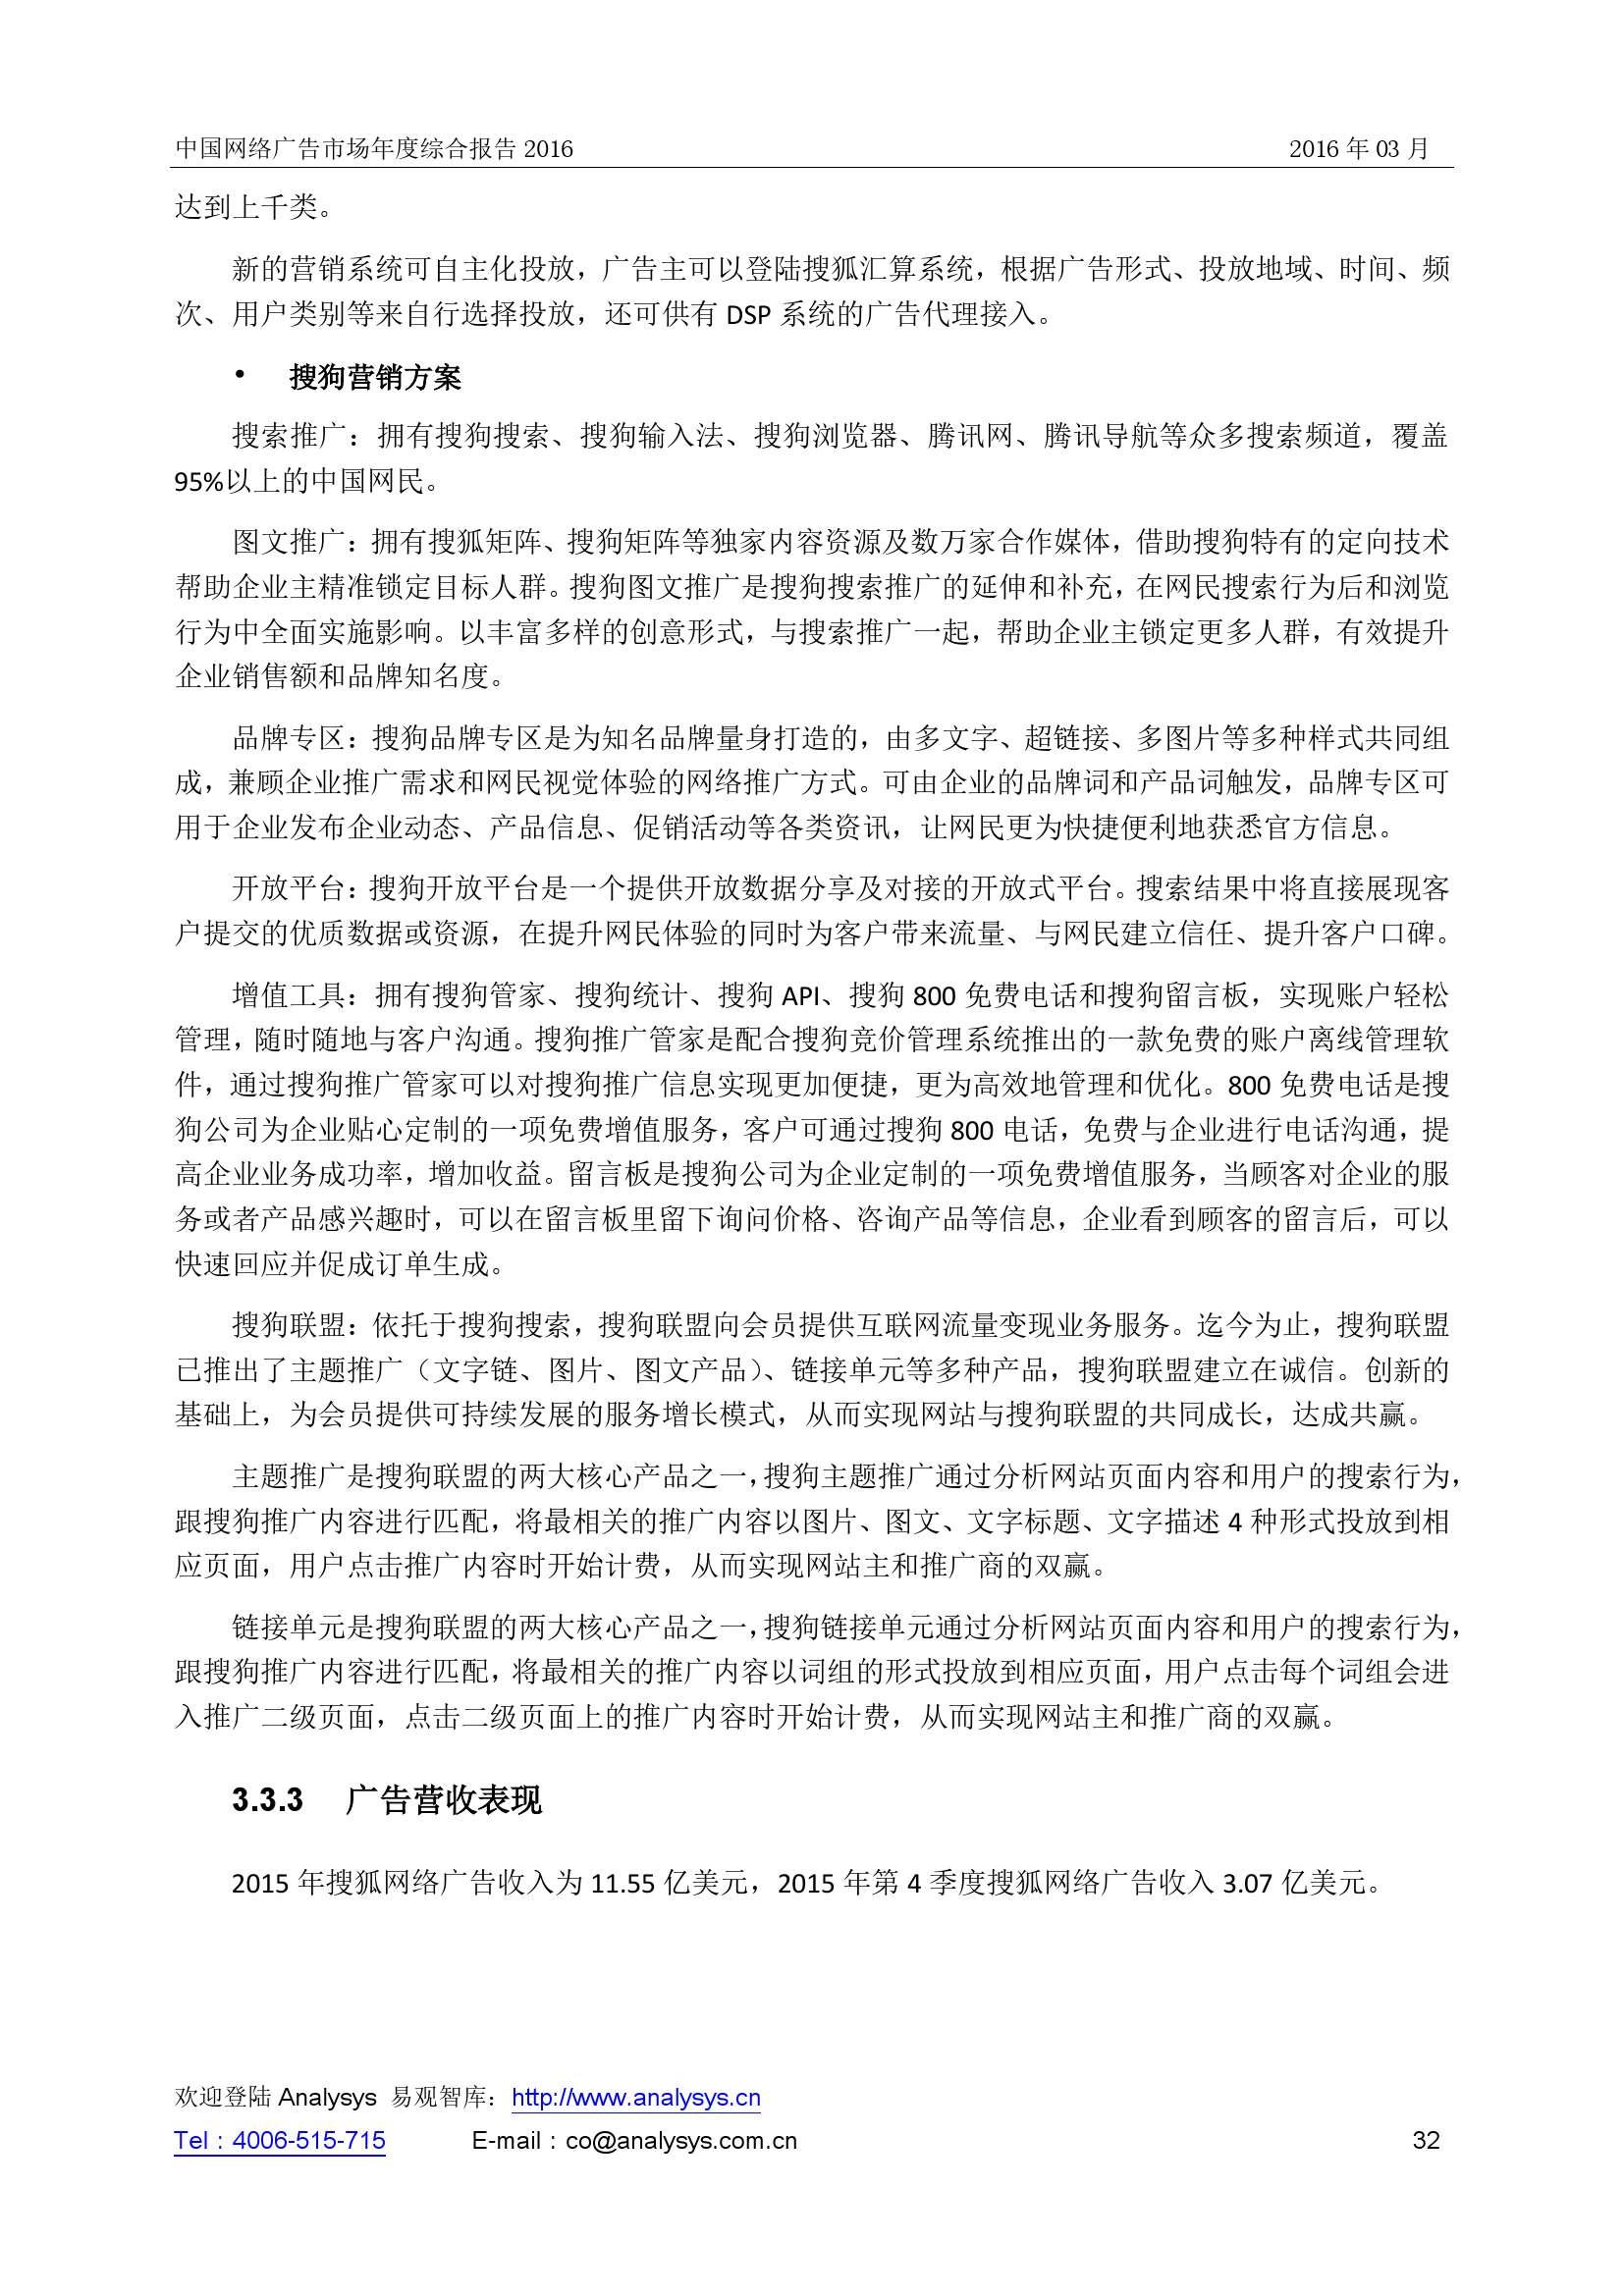 中国网络广告市场年度综合报告2016_000032